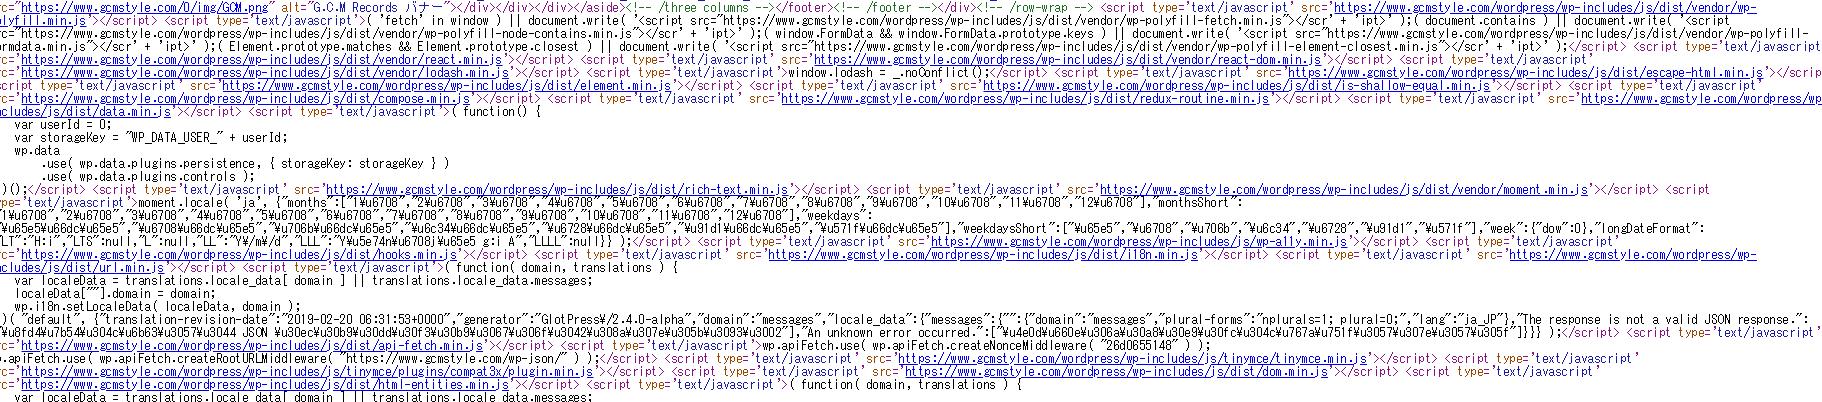 大量の「wp-includes/js/dist/」で始まるJavaScriptが読み込まれている